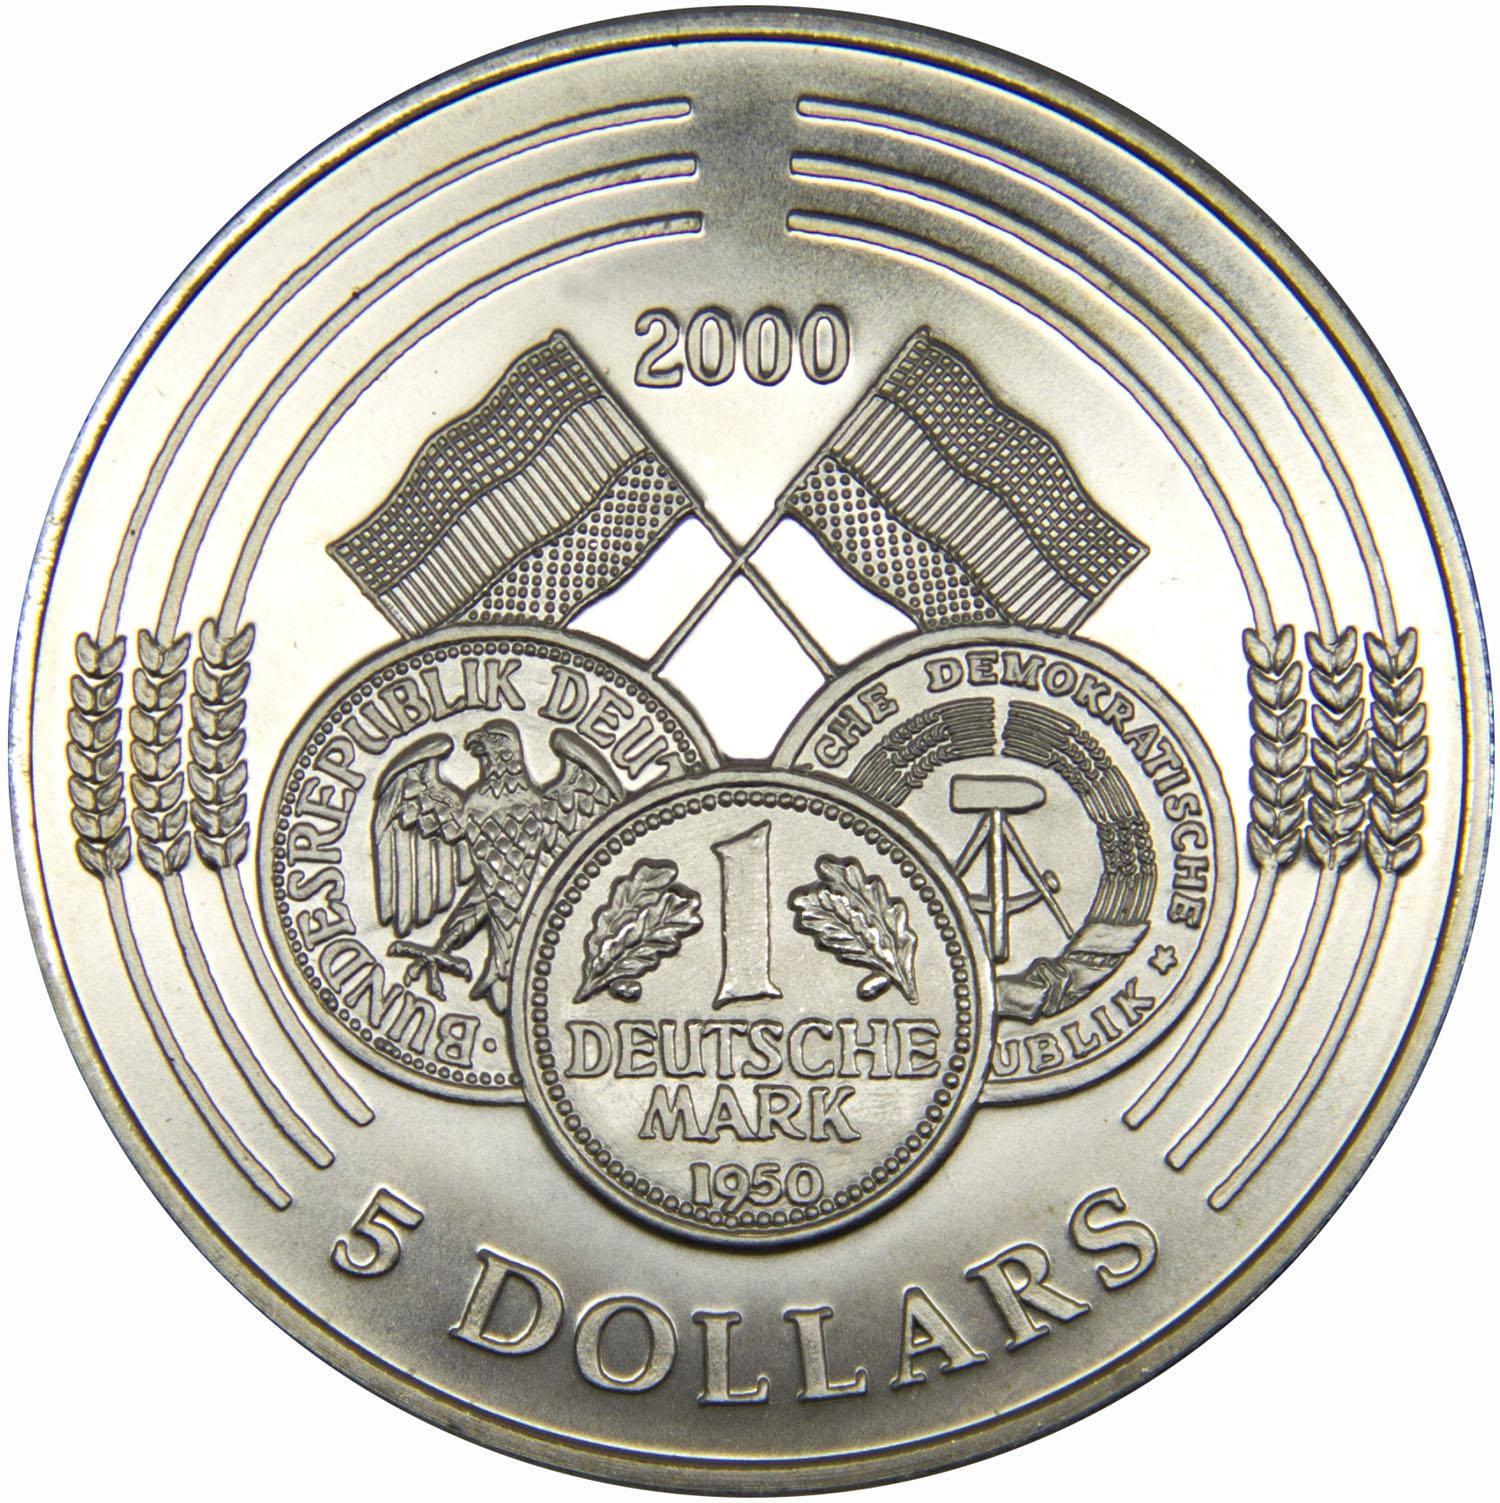 Монета номиналом 5 долларов Марка ГДР 2000. Республика Либерия, 2000 год739Диаметр монеты: 40 мм Вес: 28 г. Материал: медь-никель Гурт: рубчатый